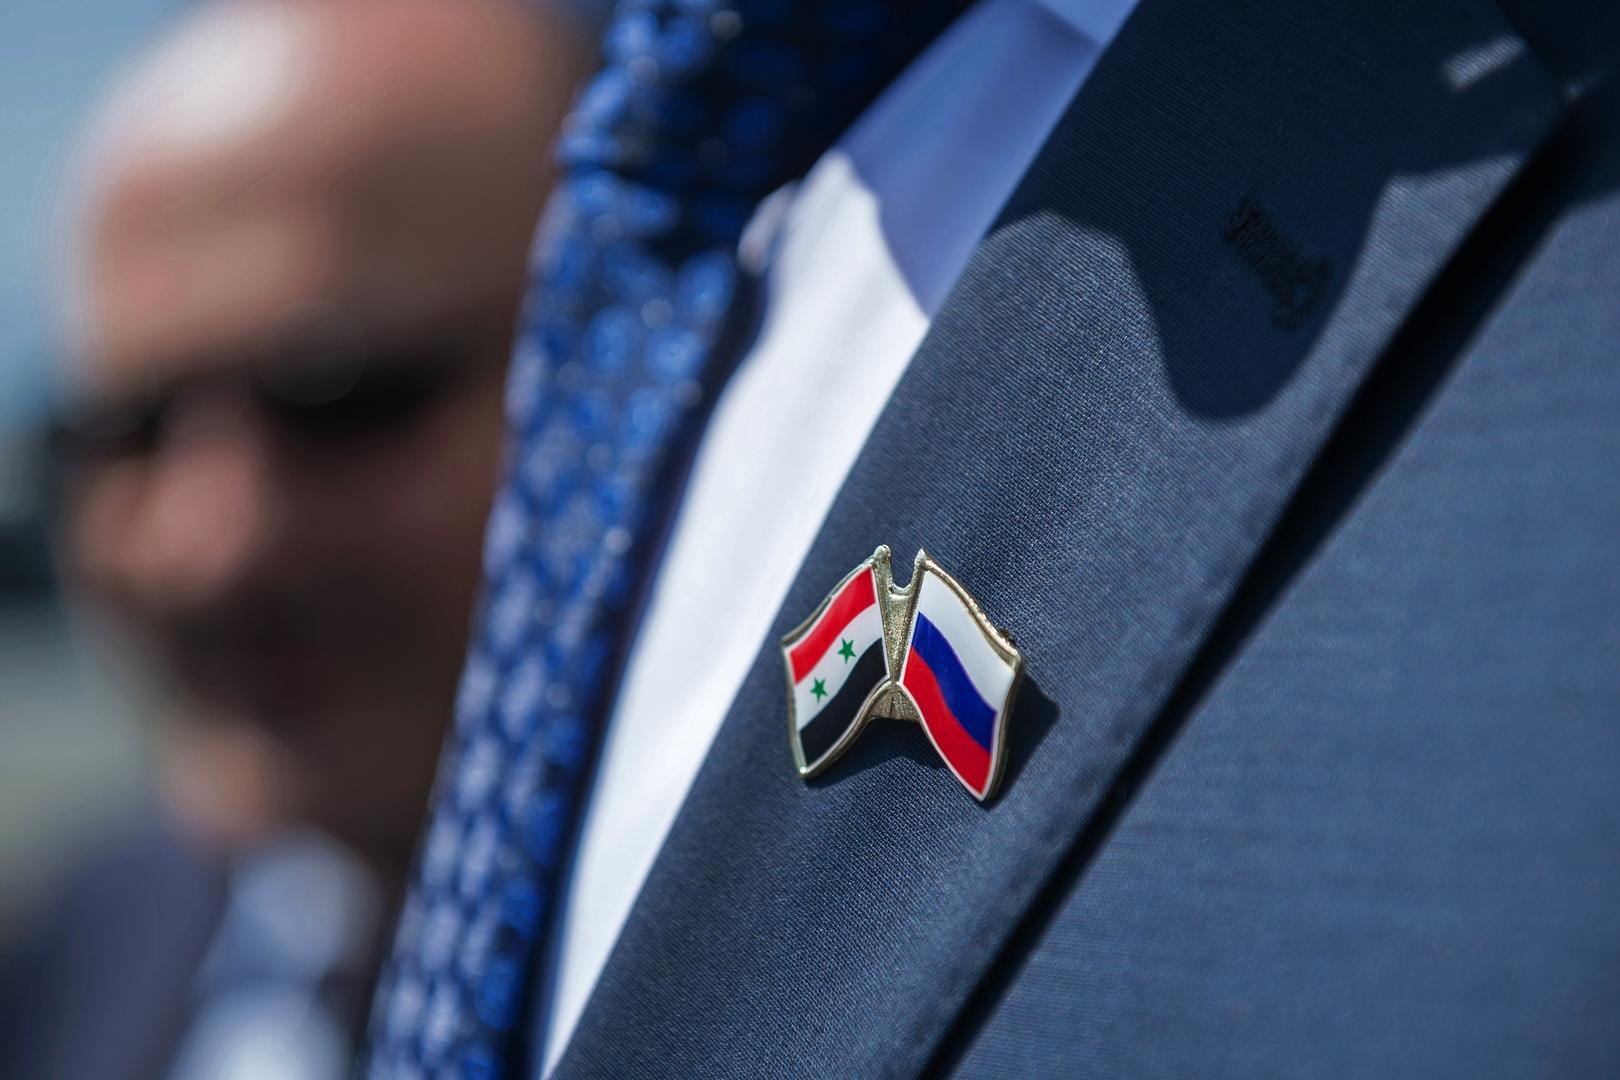 نائب رئيس الوزراء الروسي يتحدث عن إعداد اتفاق حكومي مع سوريا في مجال الاقتصاد والتجارة